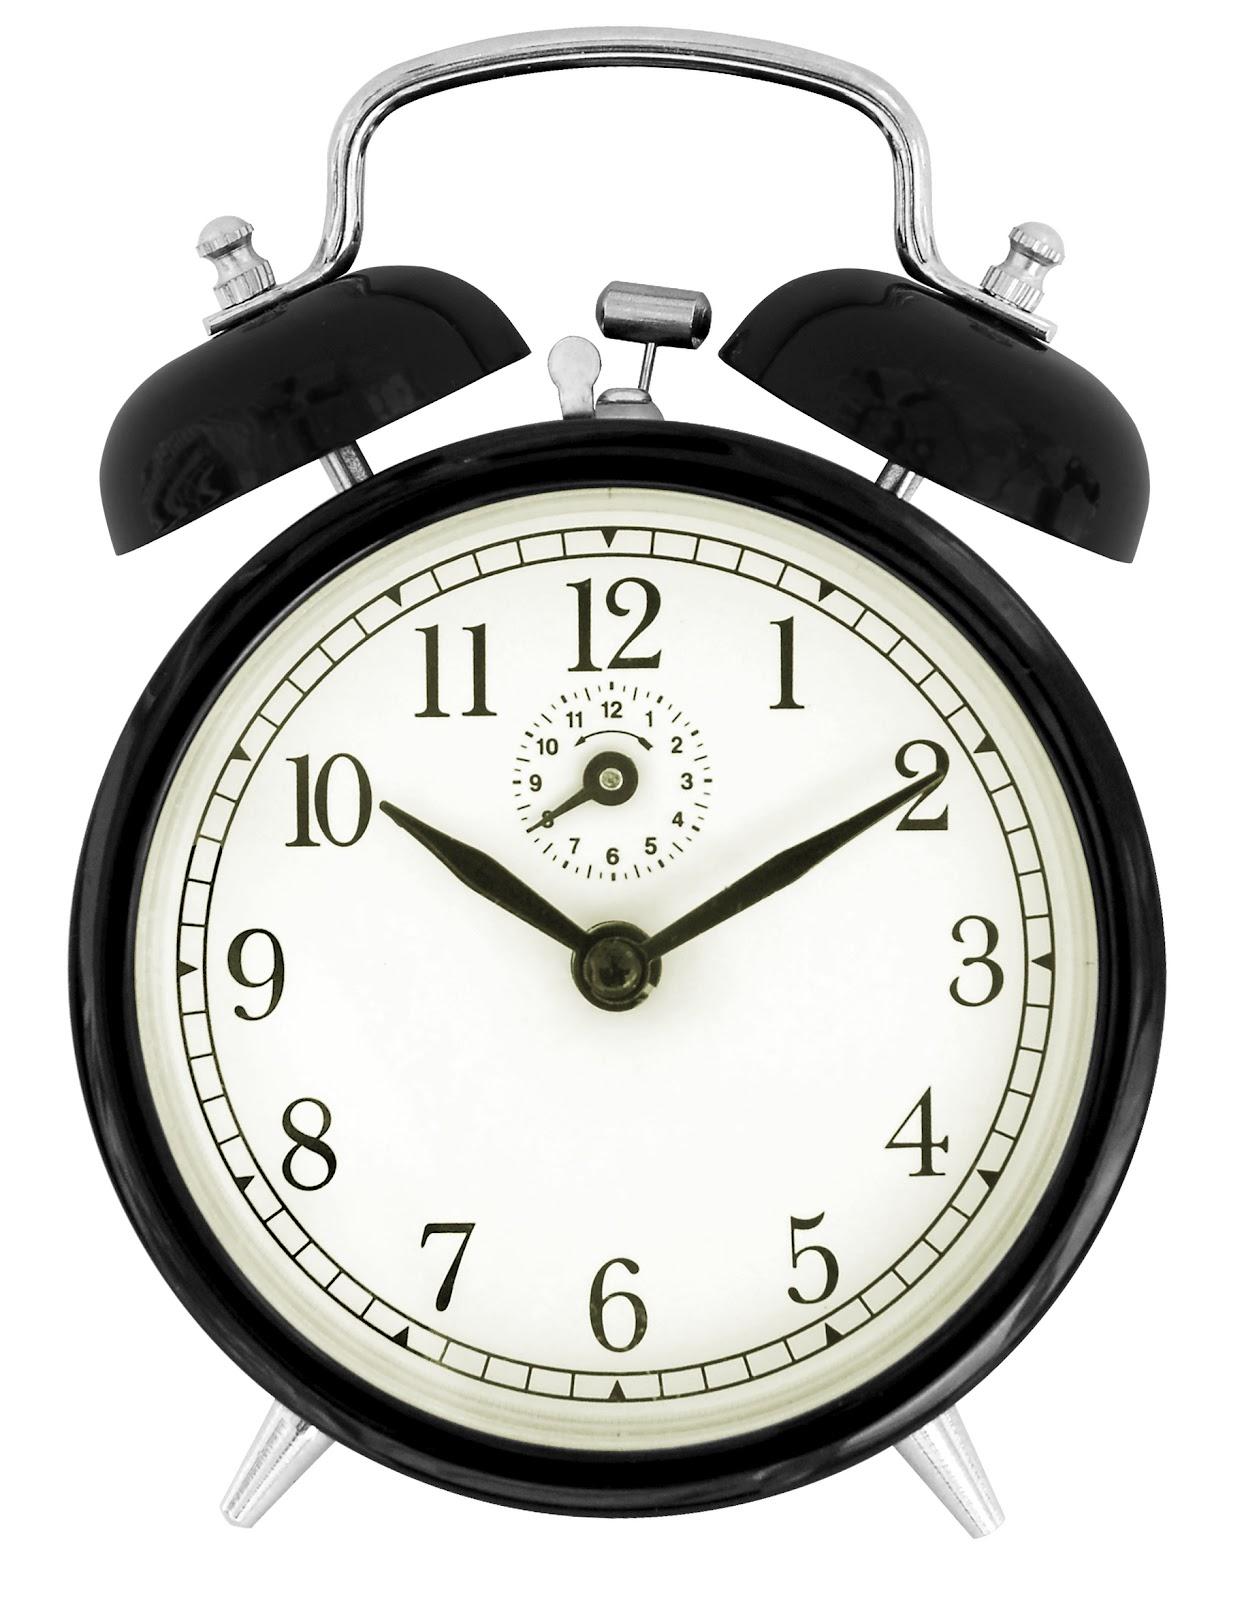 Jam Weker Analog Alarm Clock Bell Transparant Glass Daftar Harga Ikea Vackis Beker Putih Best Seller Tentu Sangat Akrab Di Telinga Kita Hingga Saat Ini Biasanya Digunakan